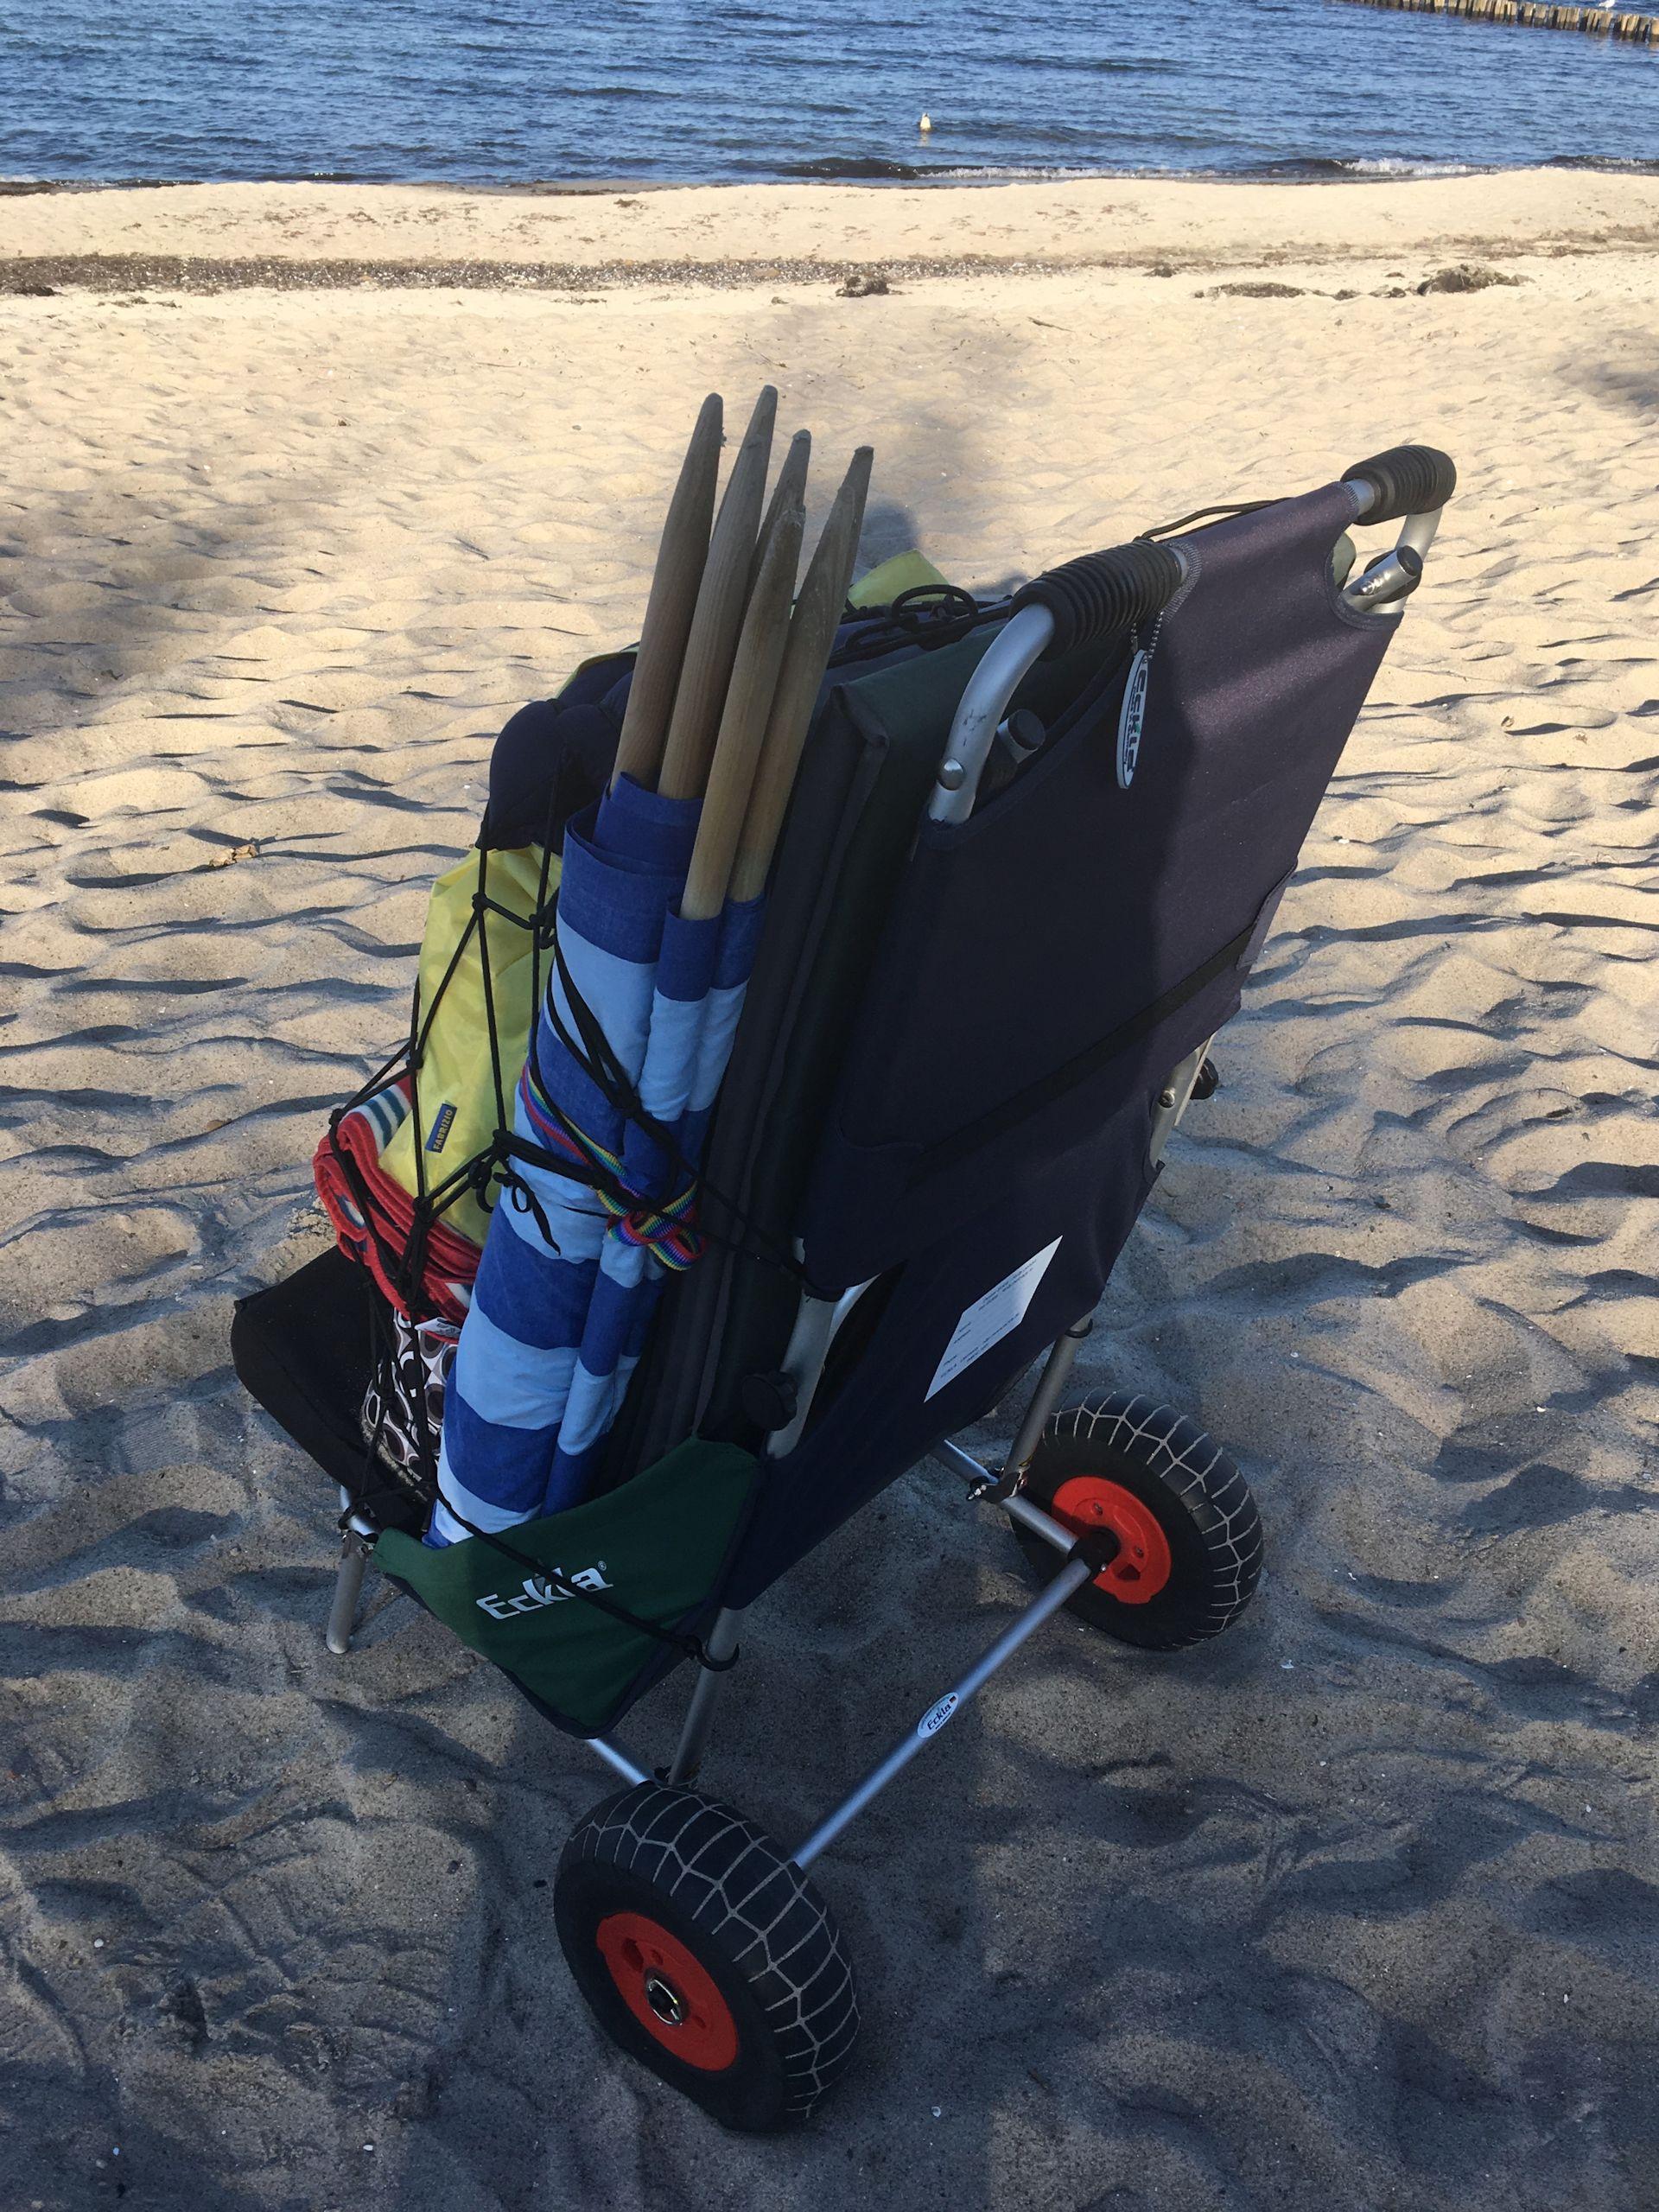 Lieferung mit ECKLA Gepäcknetz für den sicheren Transport Ihrer Strandausrüstung oder anderer Dinge